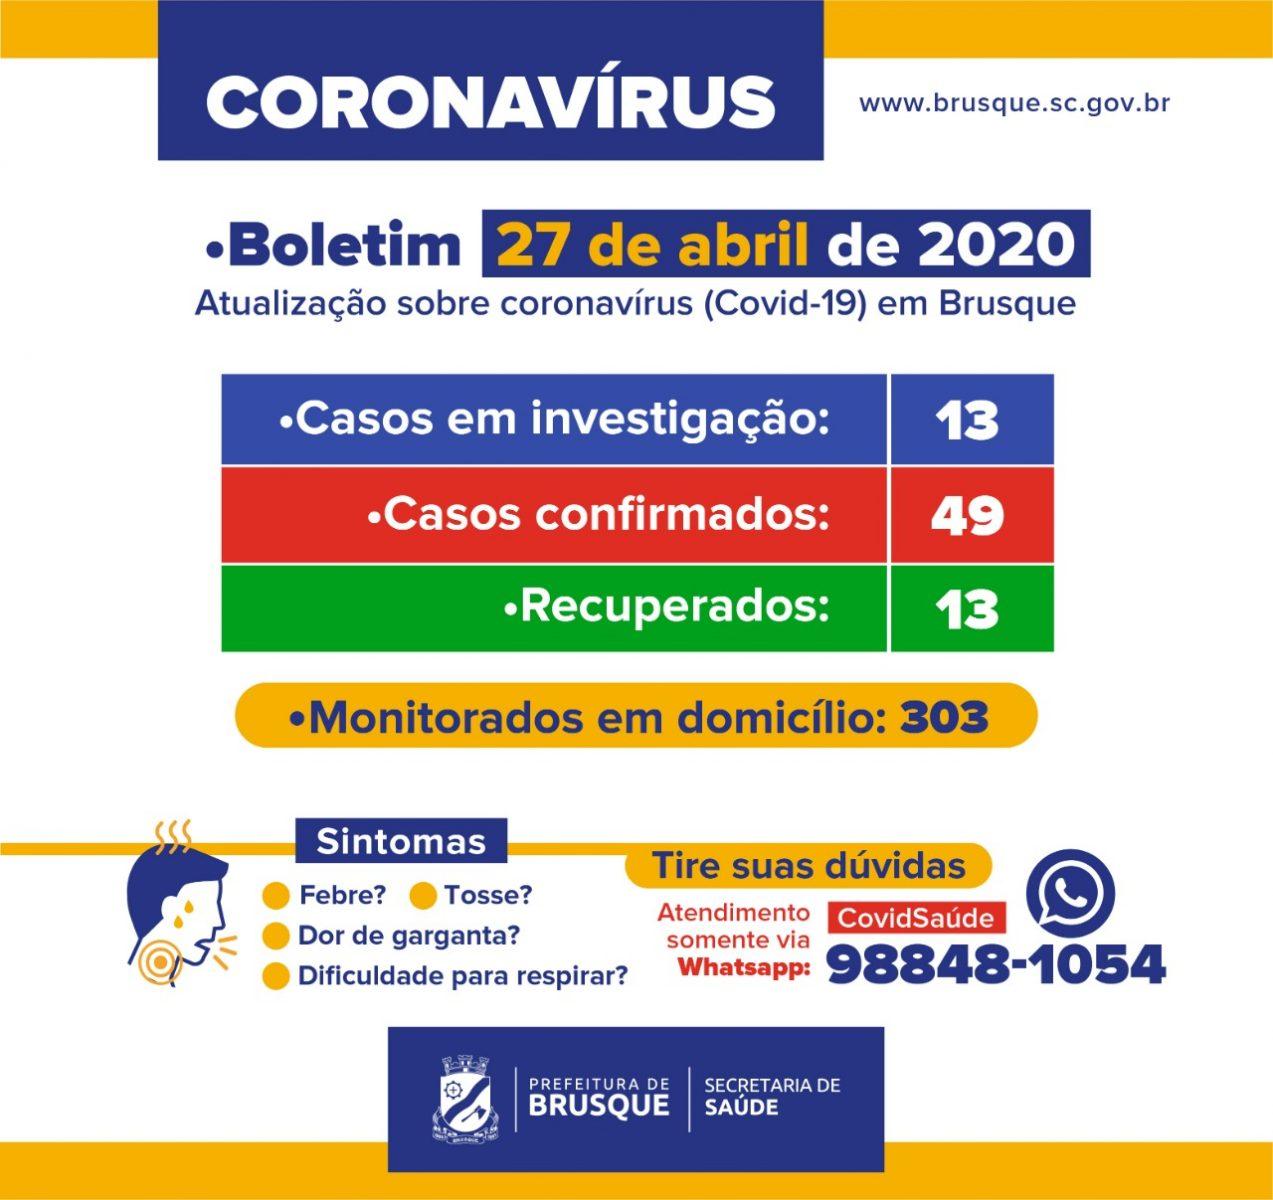 Brusque registra mais um caso de coronavirus. Números agora chegam a 49